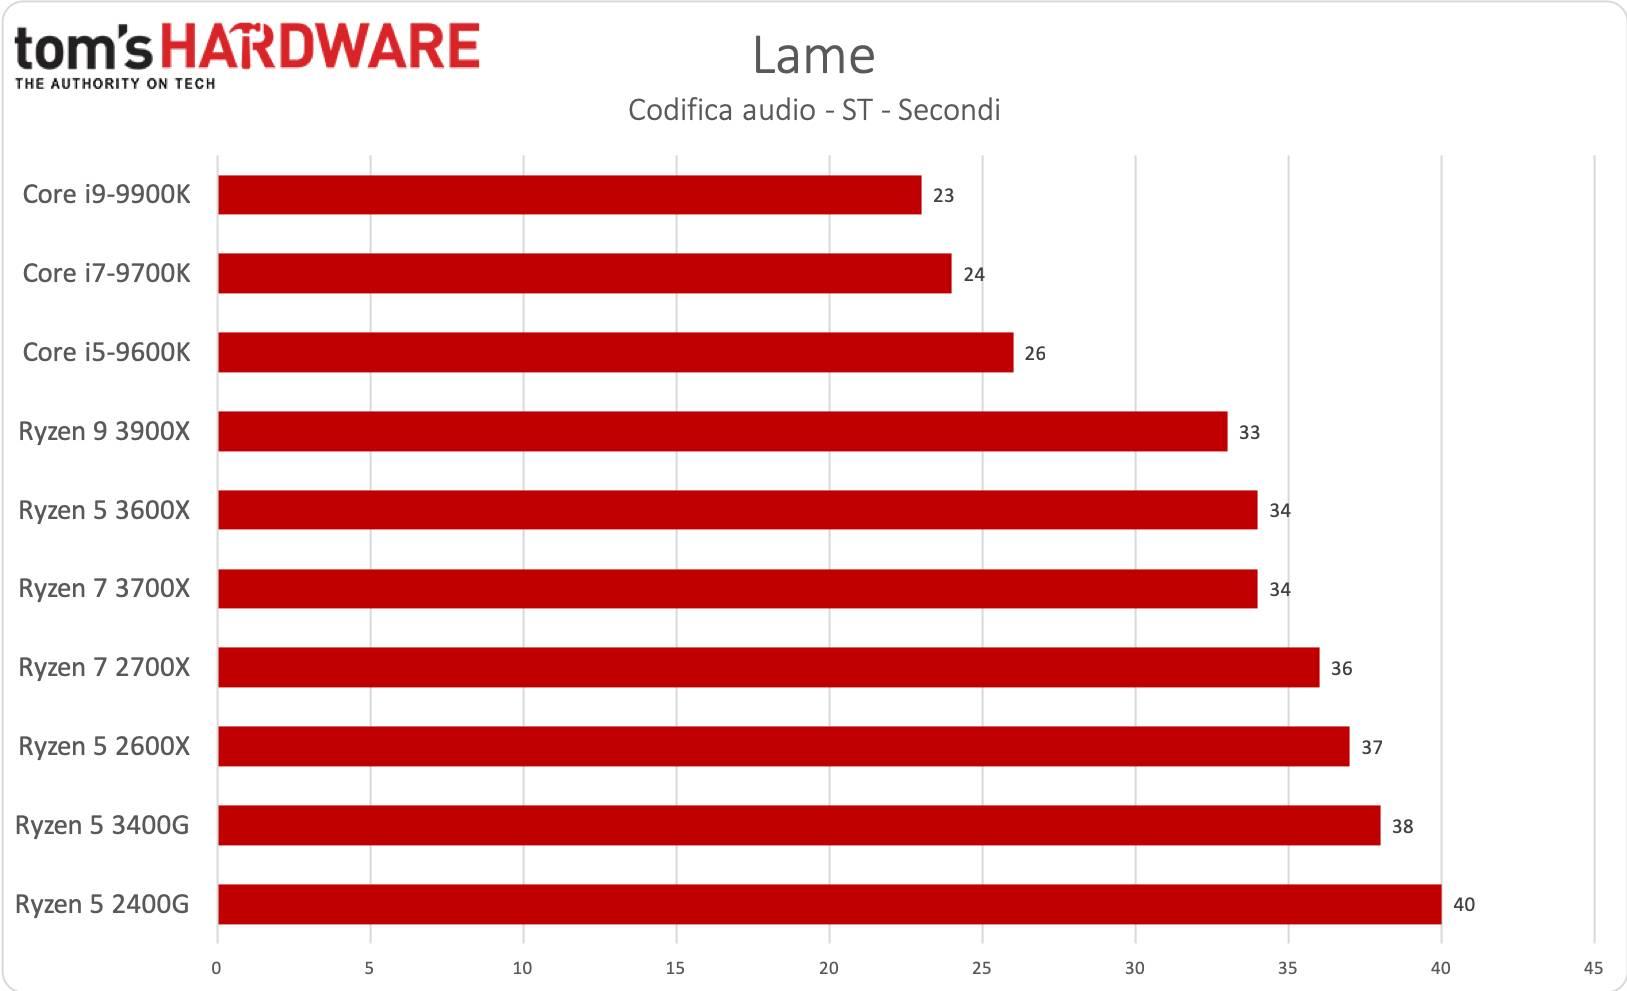 AMD Ryzen 5 3400G - Lame